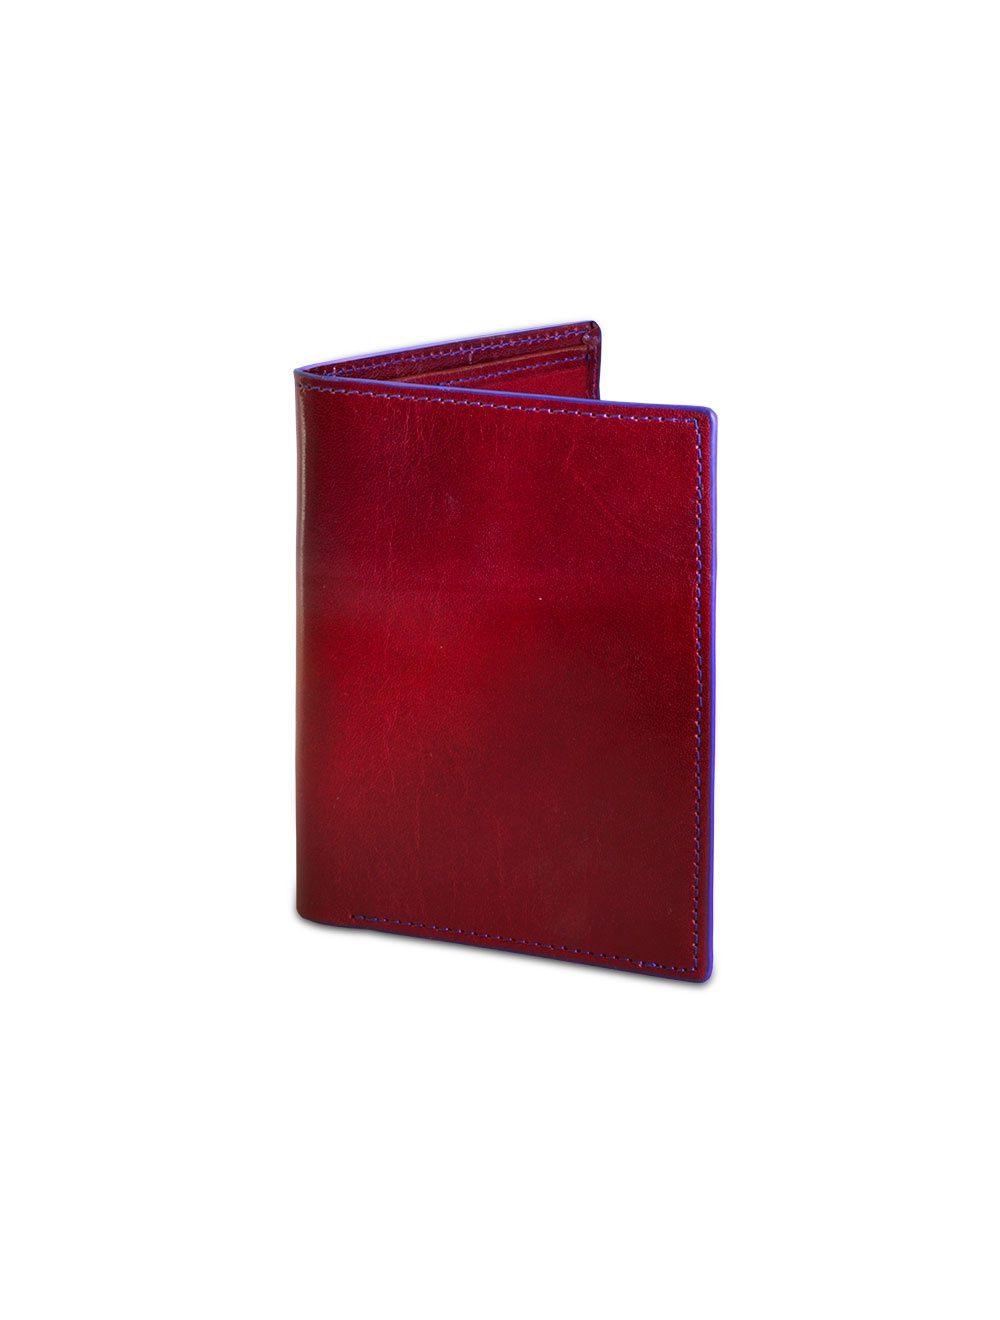 Madrid Man Wallet